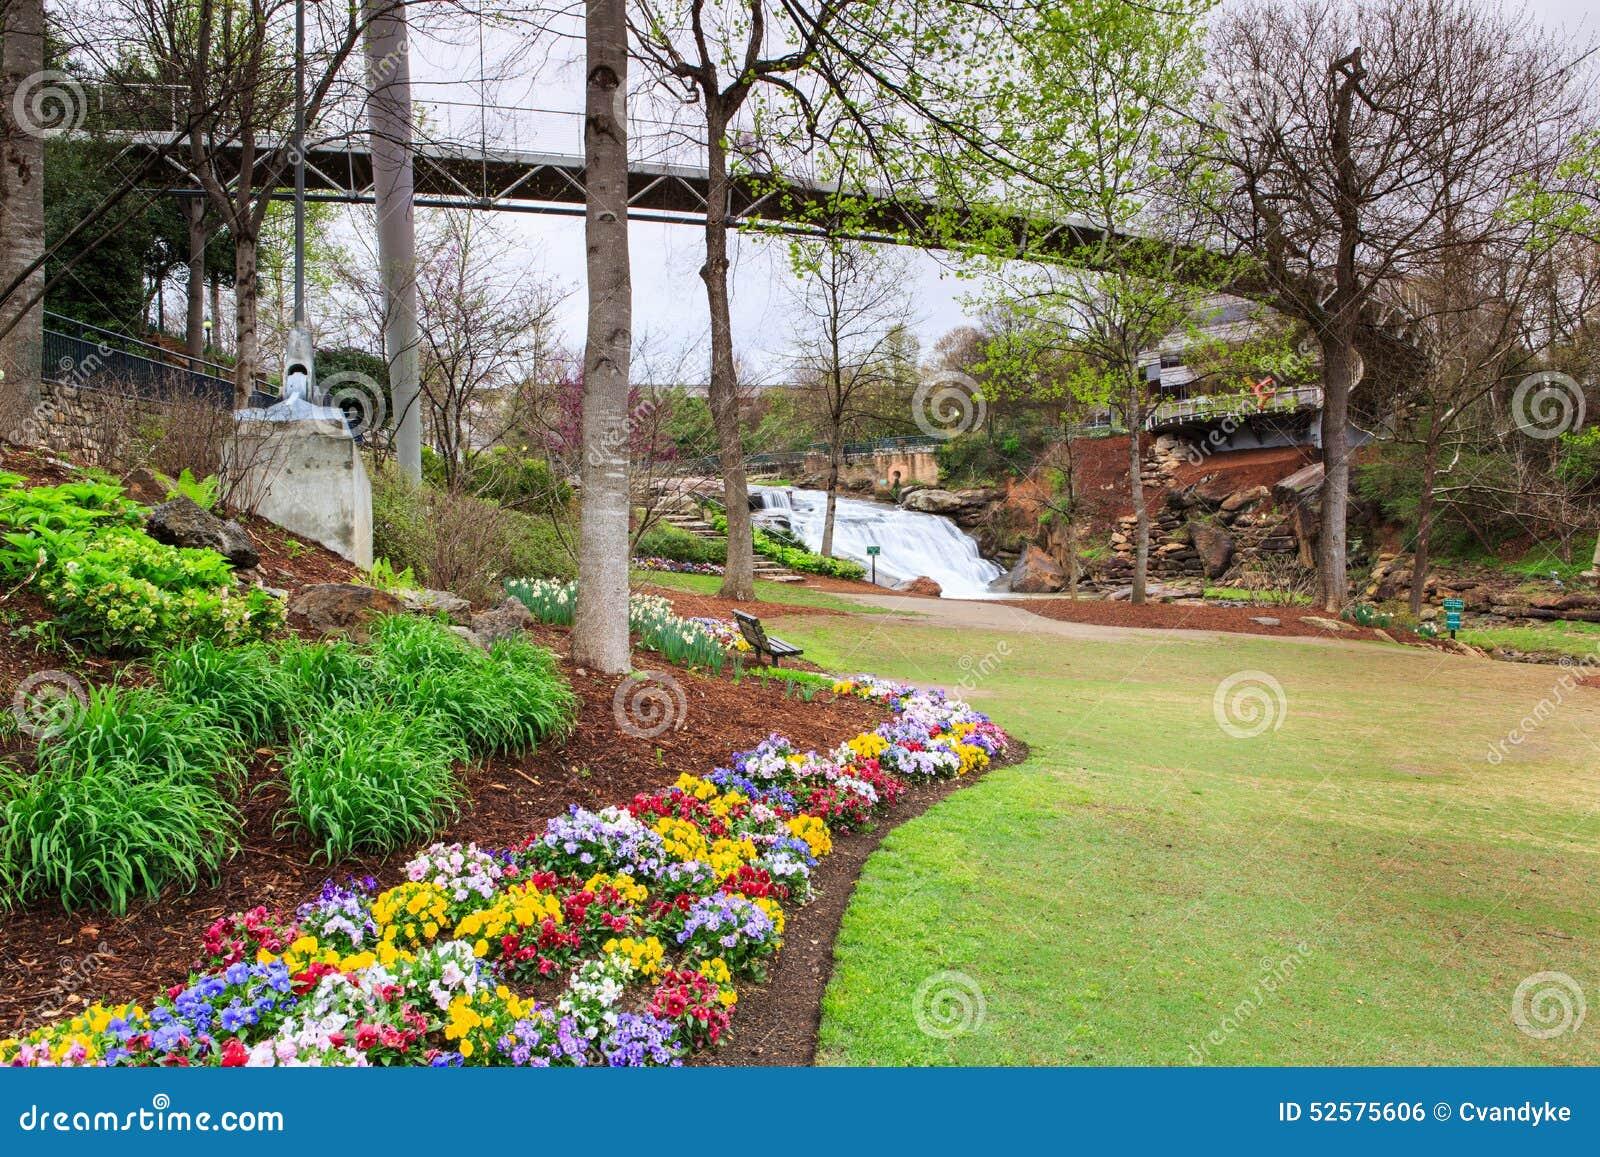 spring garden bridge park - photo #2